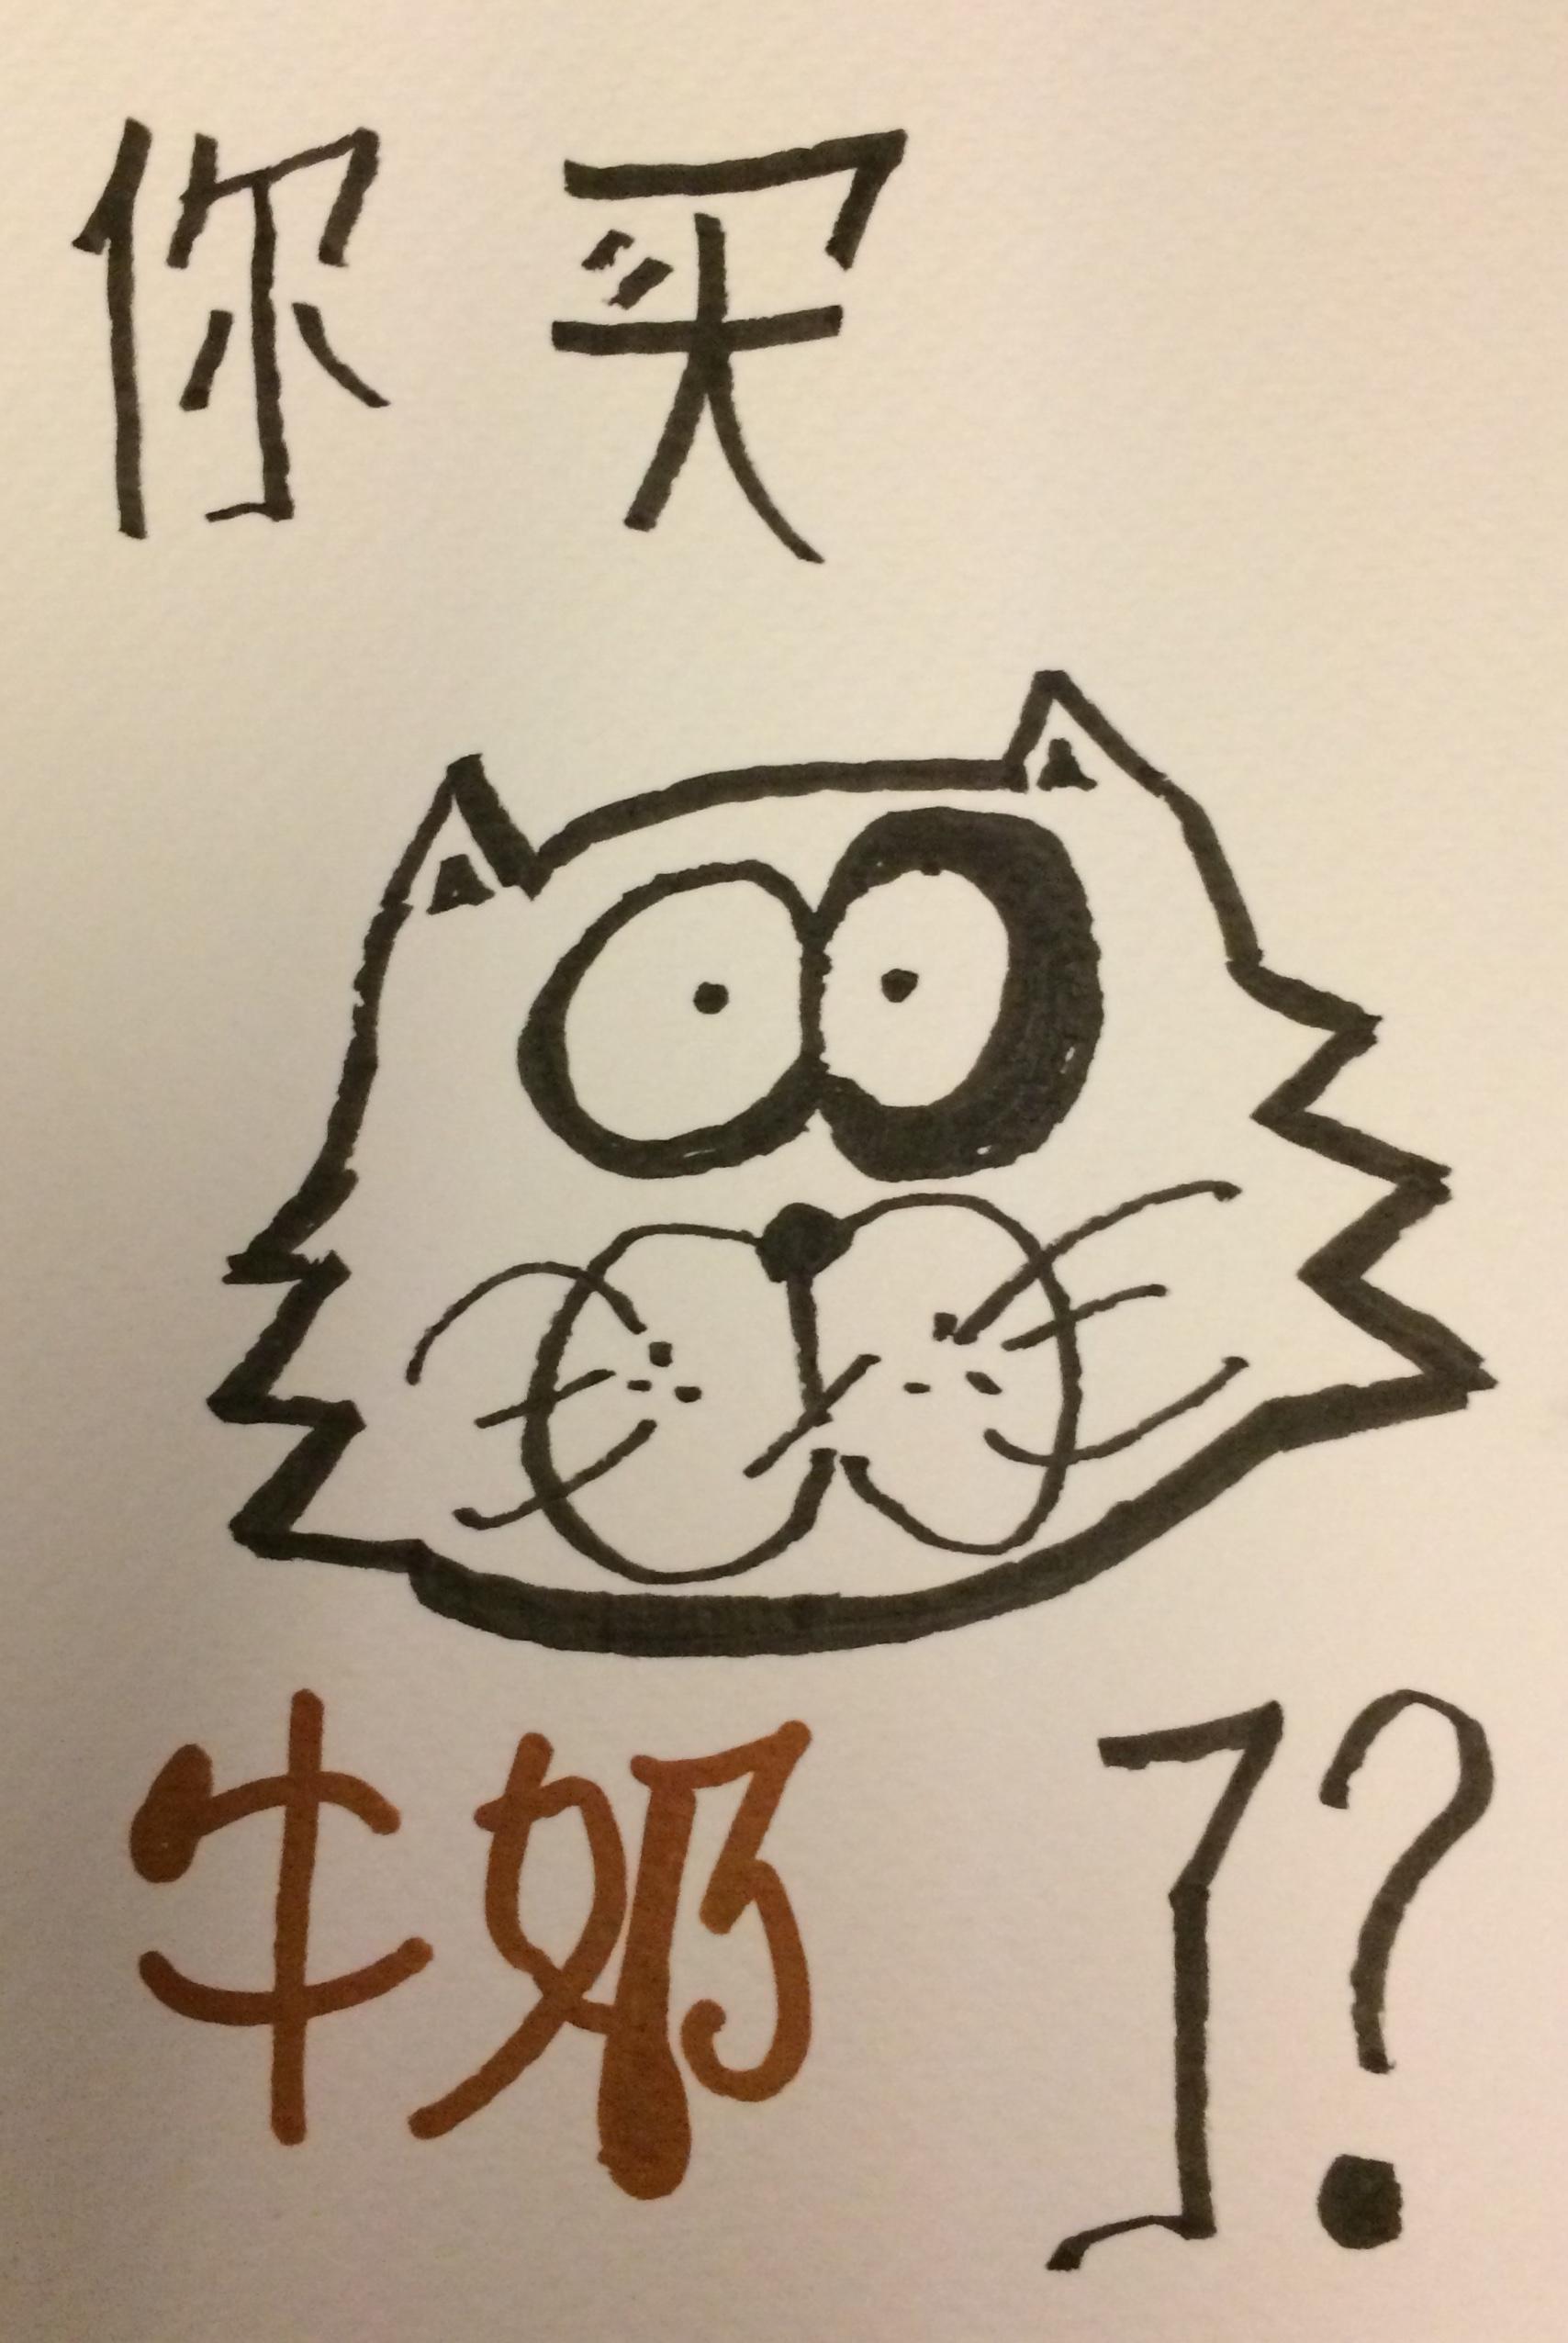 你买牛奶了 かわいい ドイツ語 仔猫 描く コミックス comics kitten kätzchen drawing ink